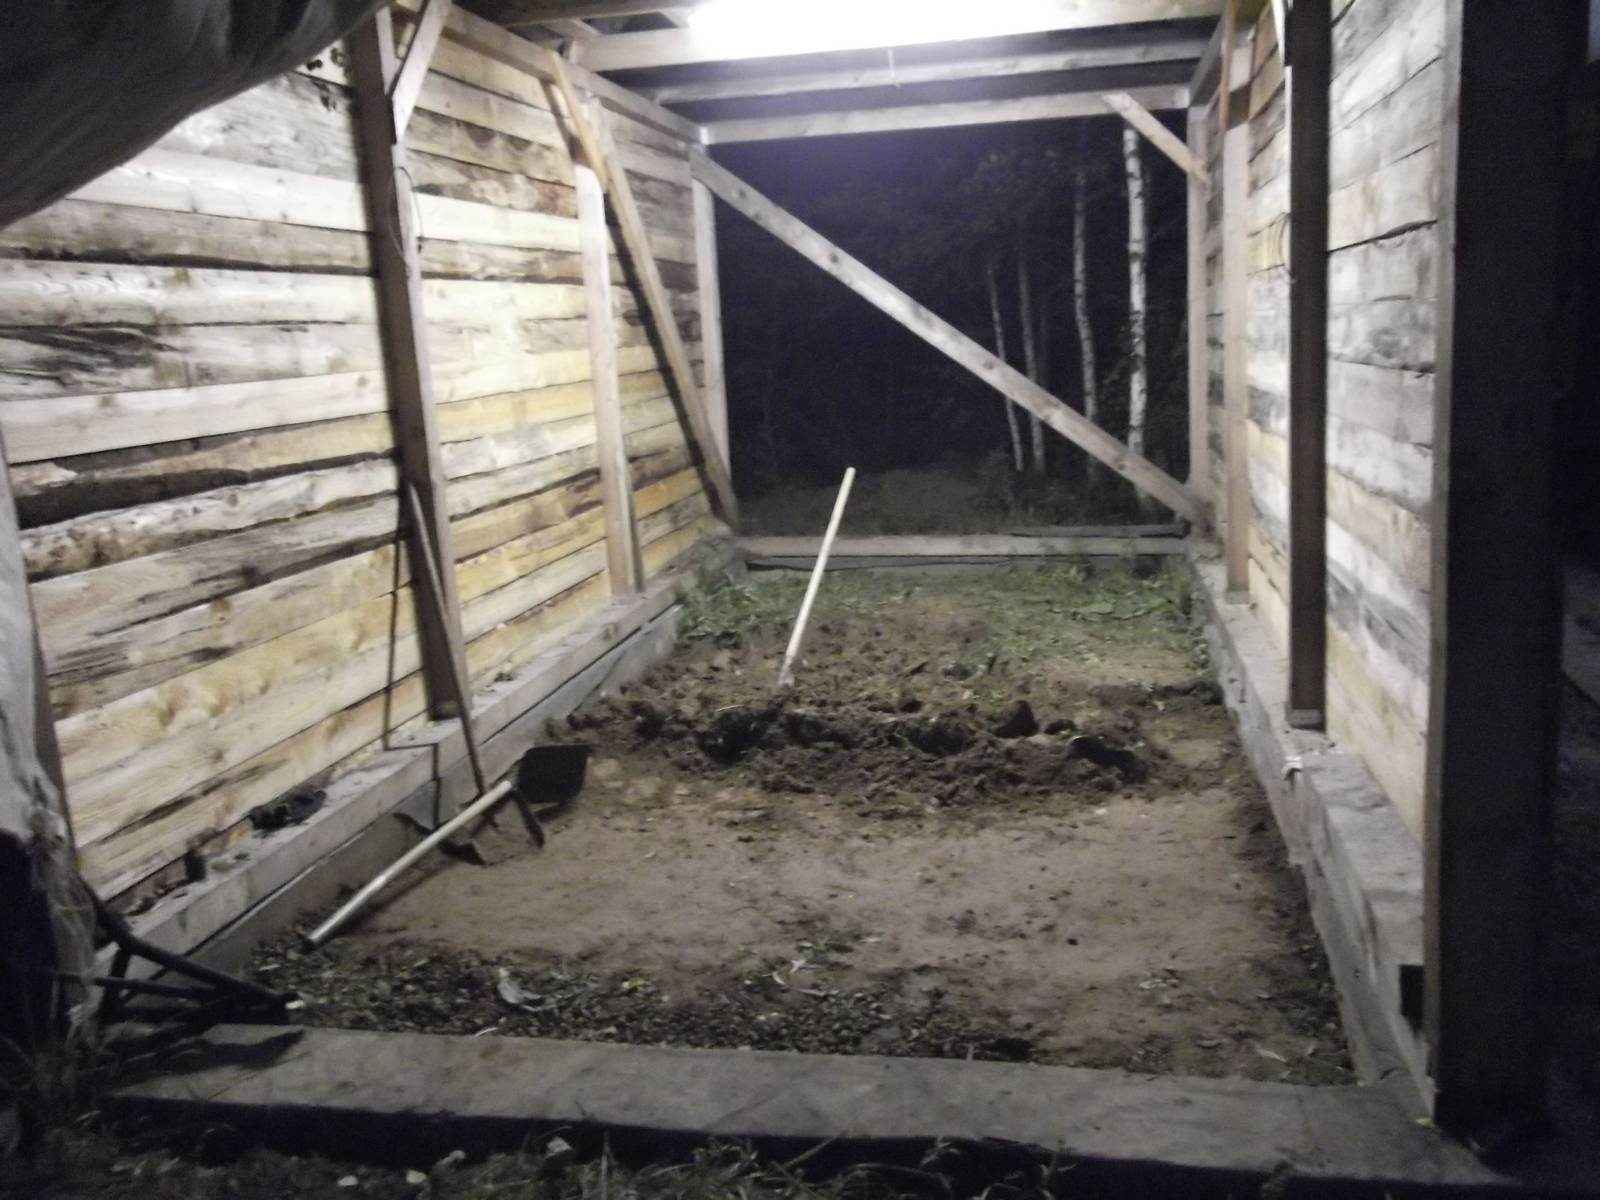 Сообщества › гаражные дела › блог › строю гараж. стены. пост 3